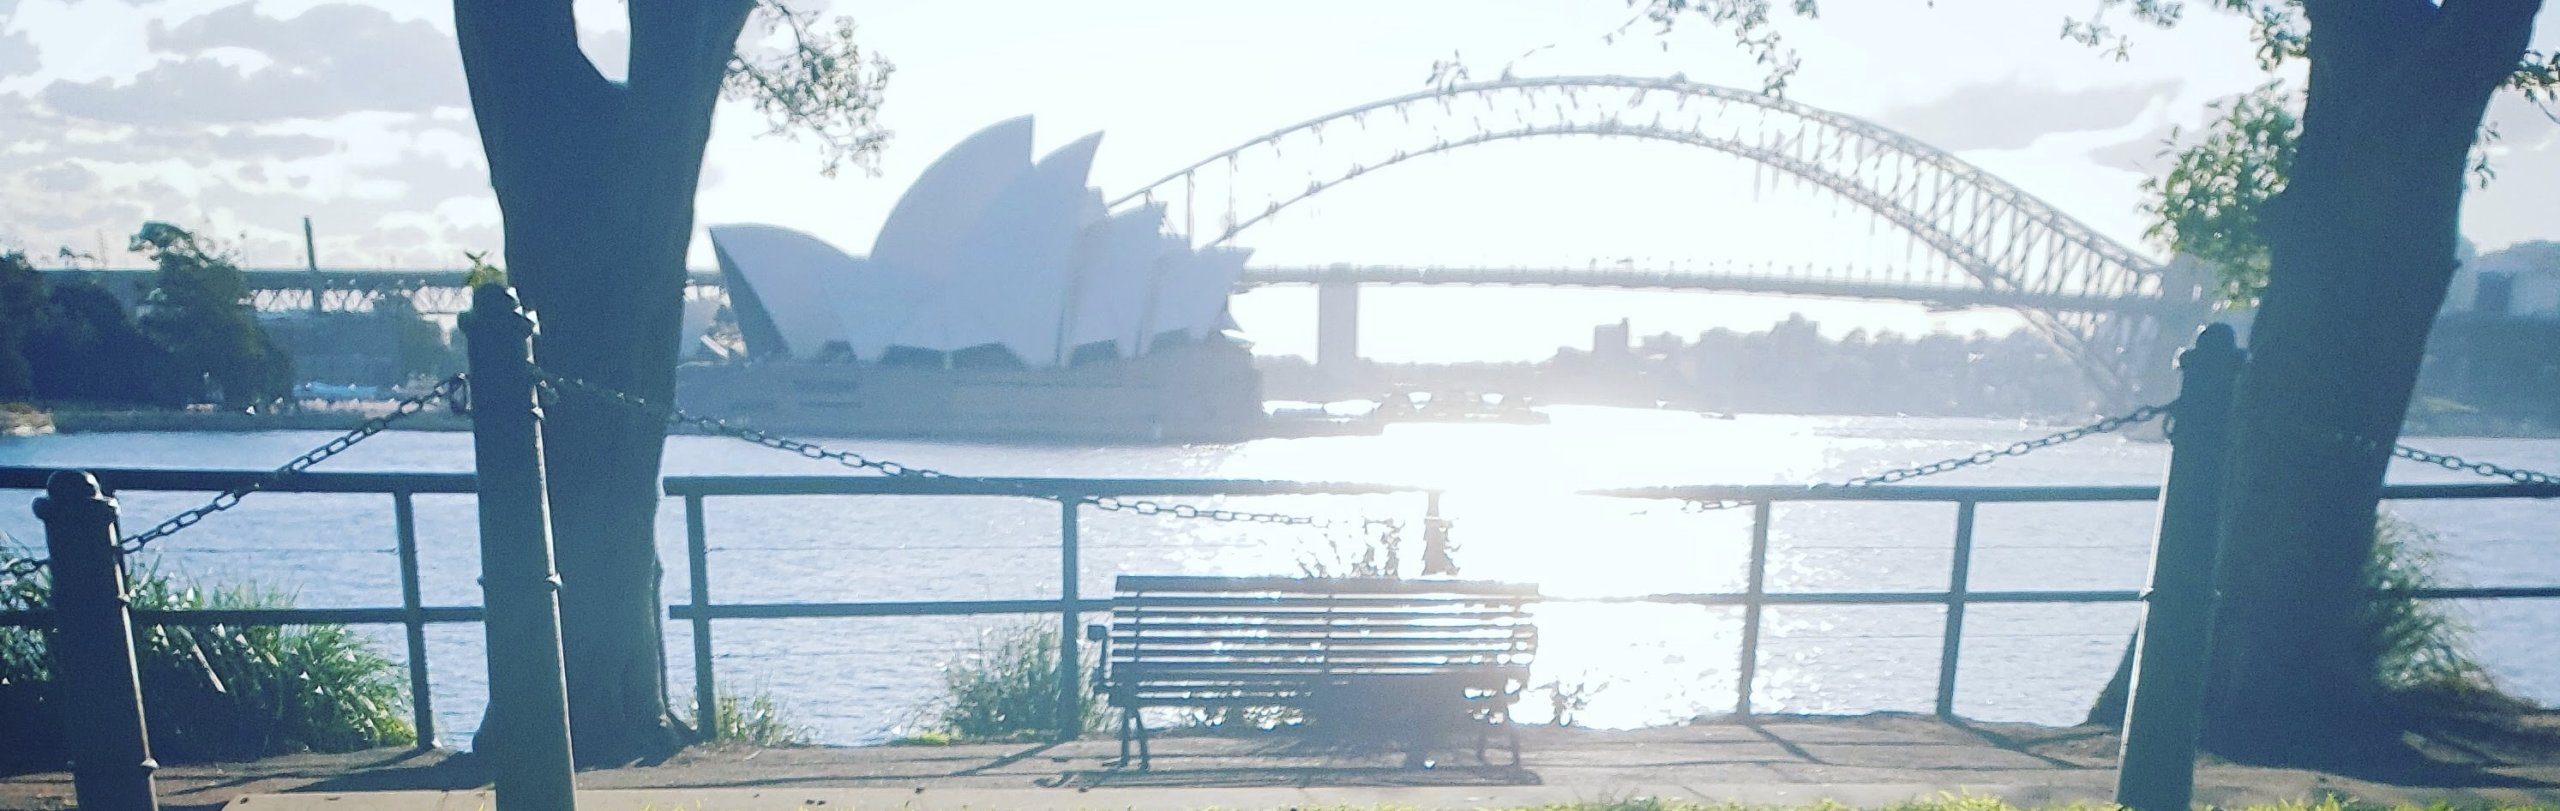 シドニー (Sydney) 情報